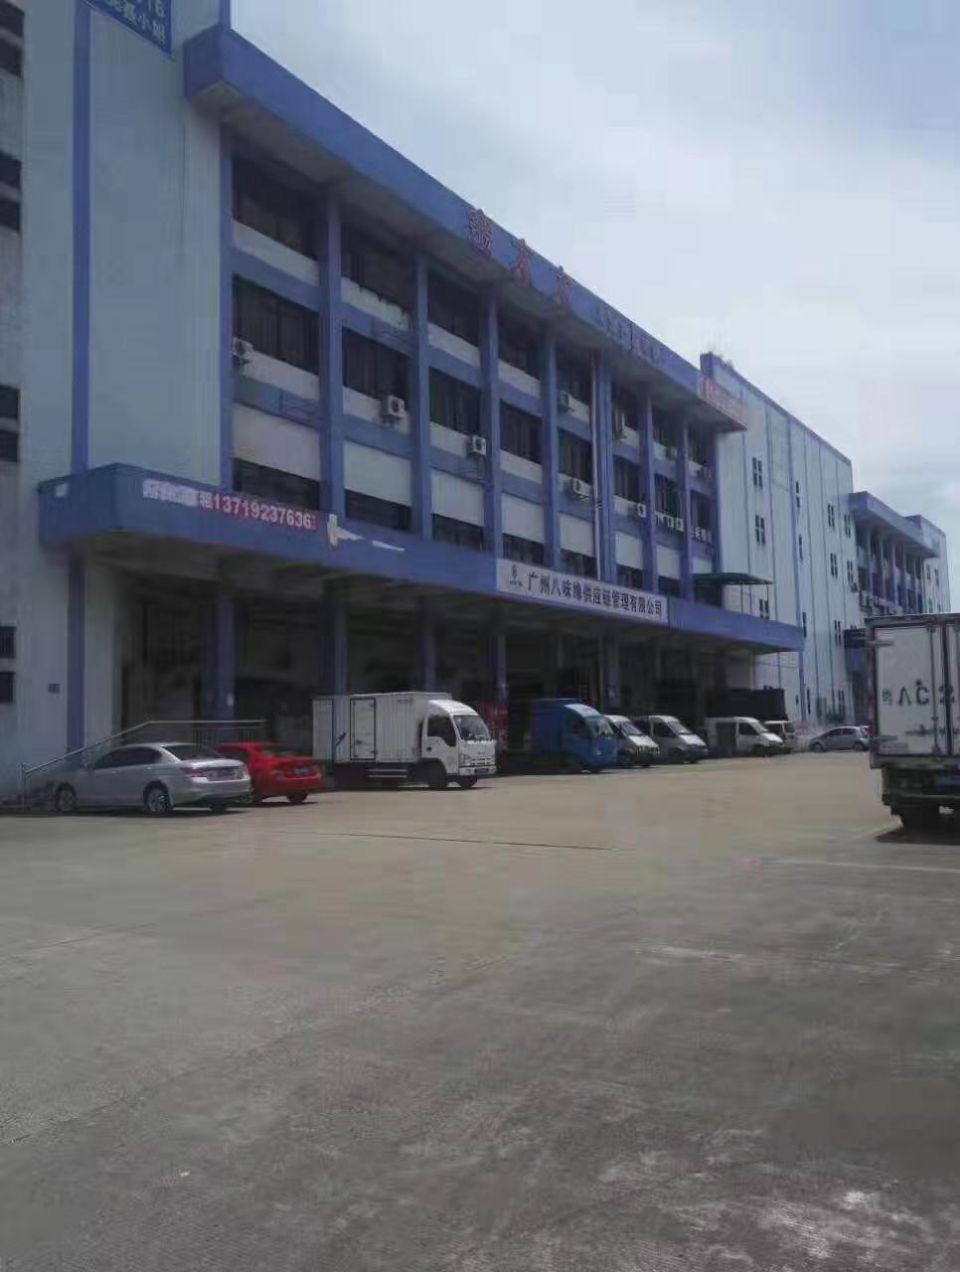 冷库冻库招租 位于番禺石碁大龙街旧水坑工业区